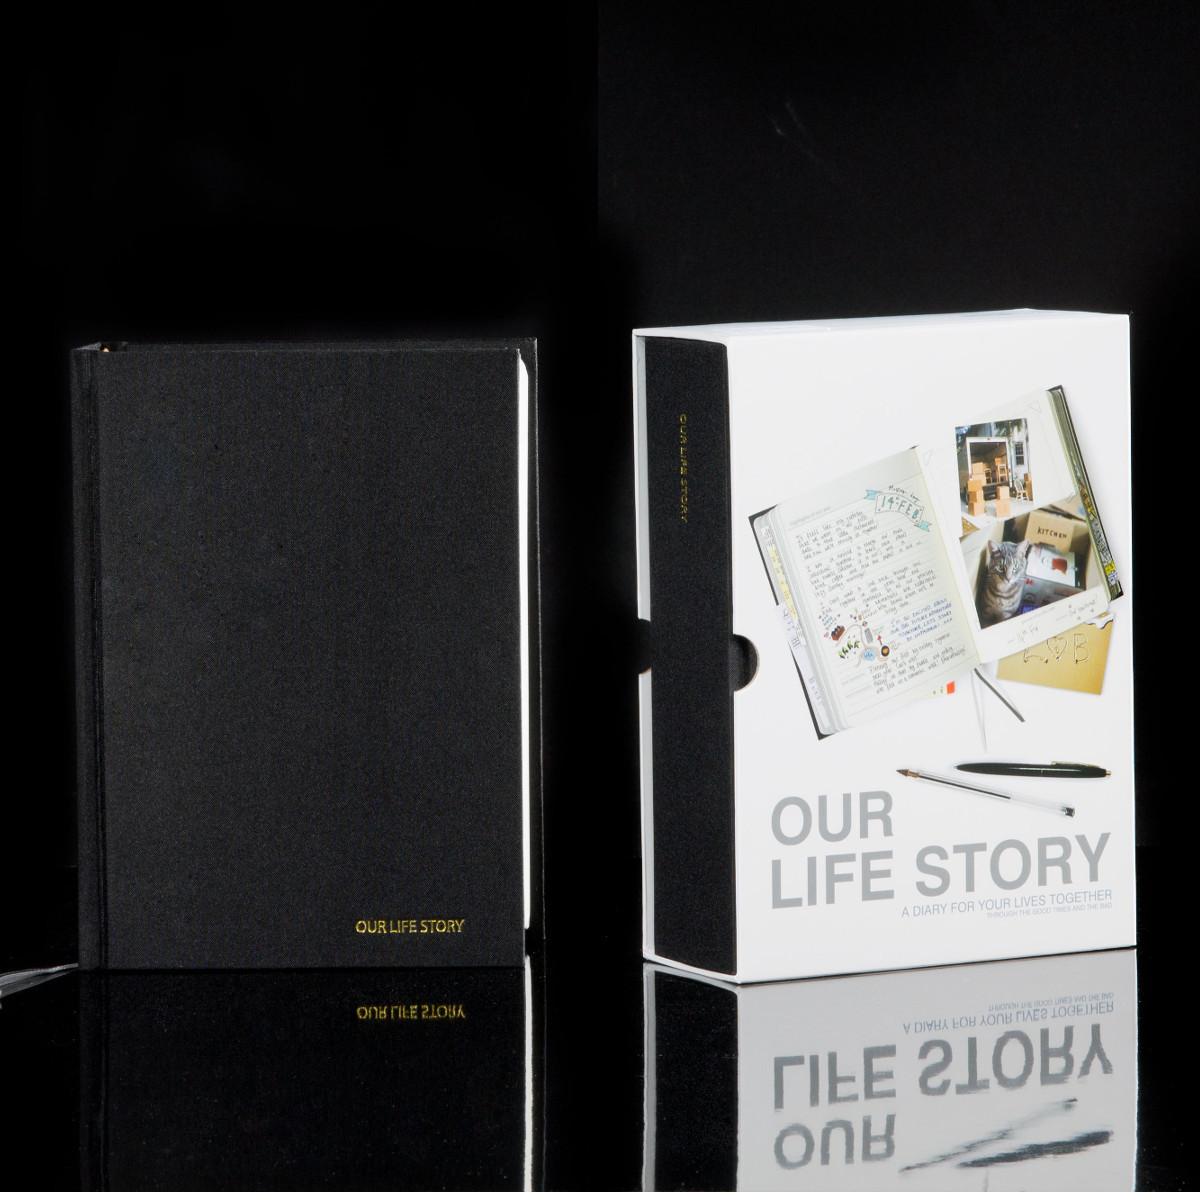 Our Life Story – Das Tagebuch des Lebens zu zweit